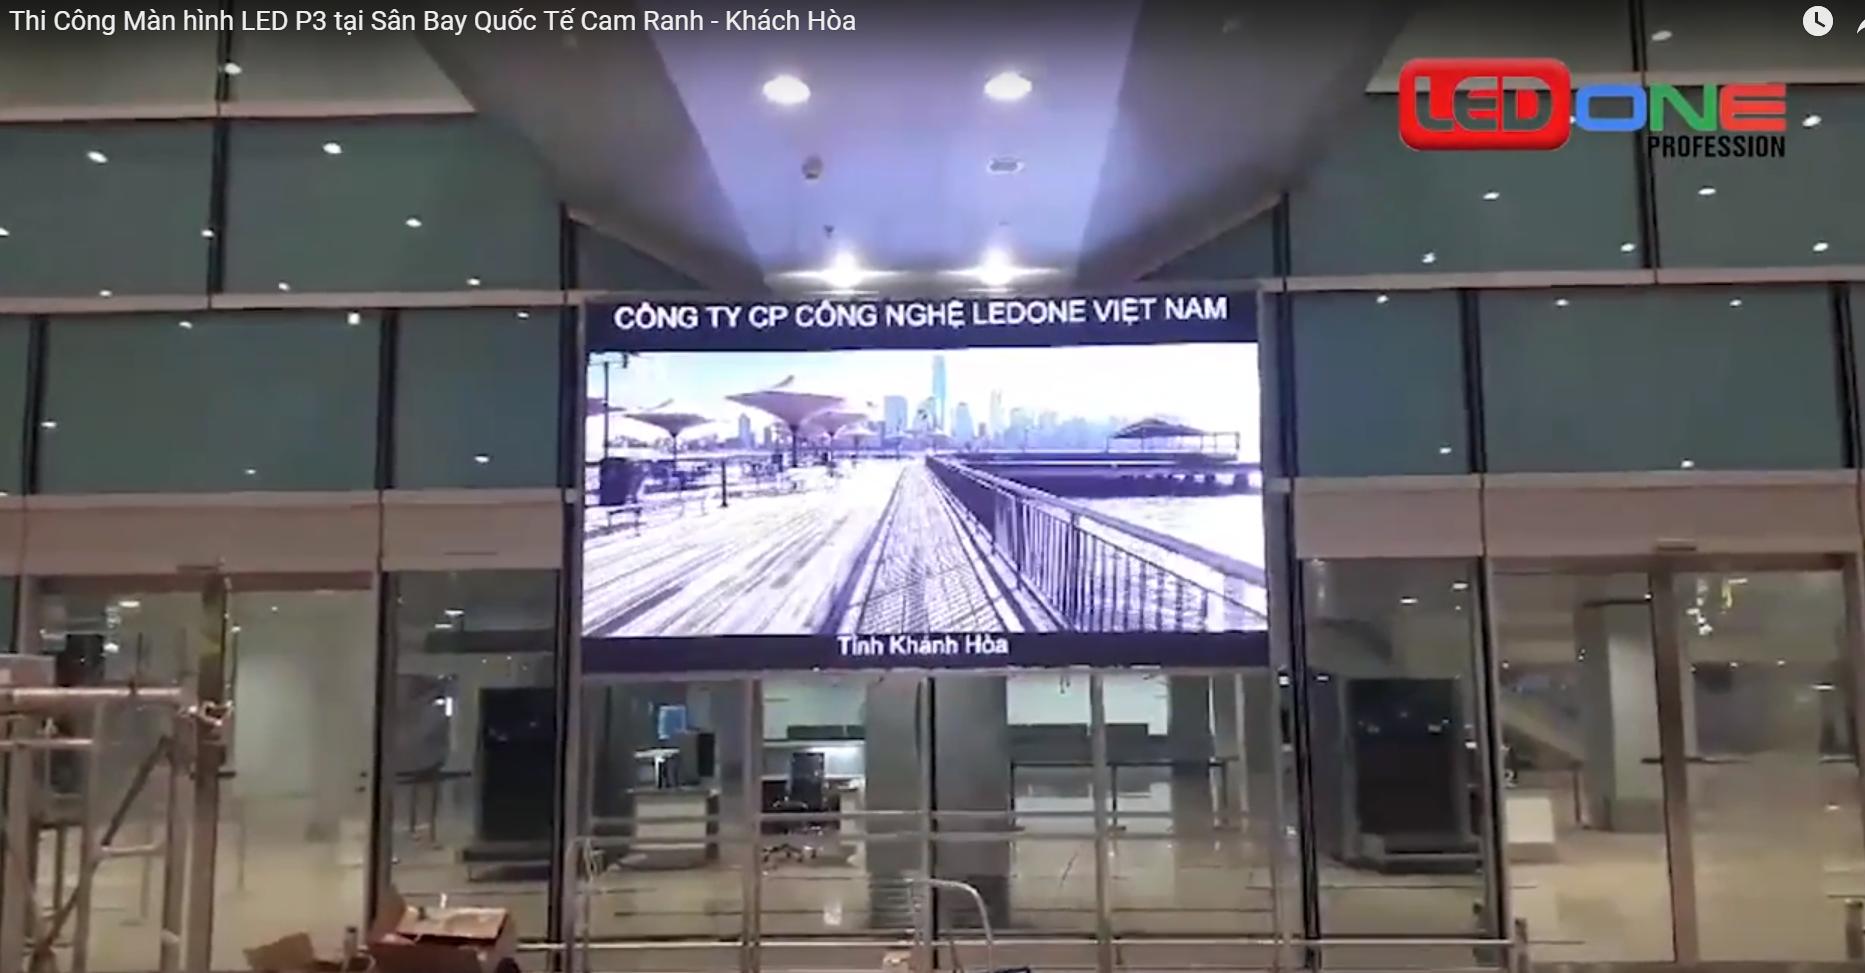 Màn hình Led được thi công tại sân bay Cam Ranh